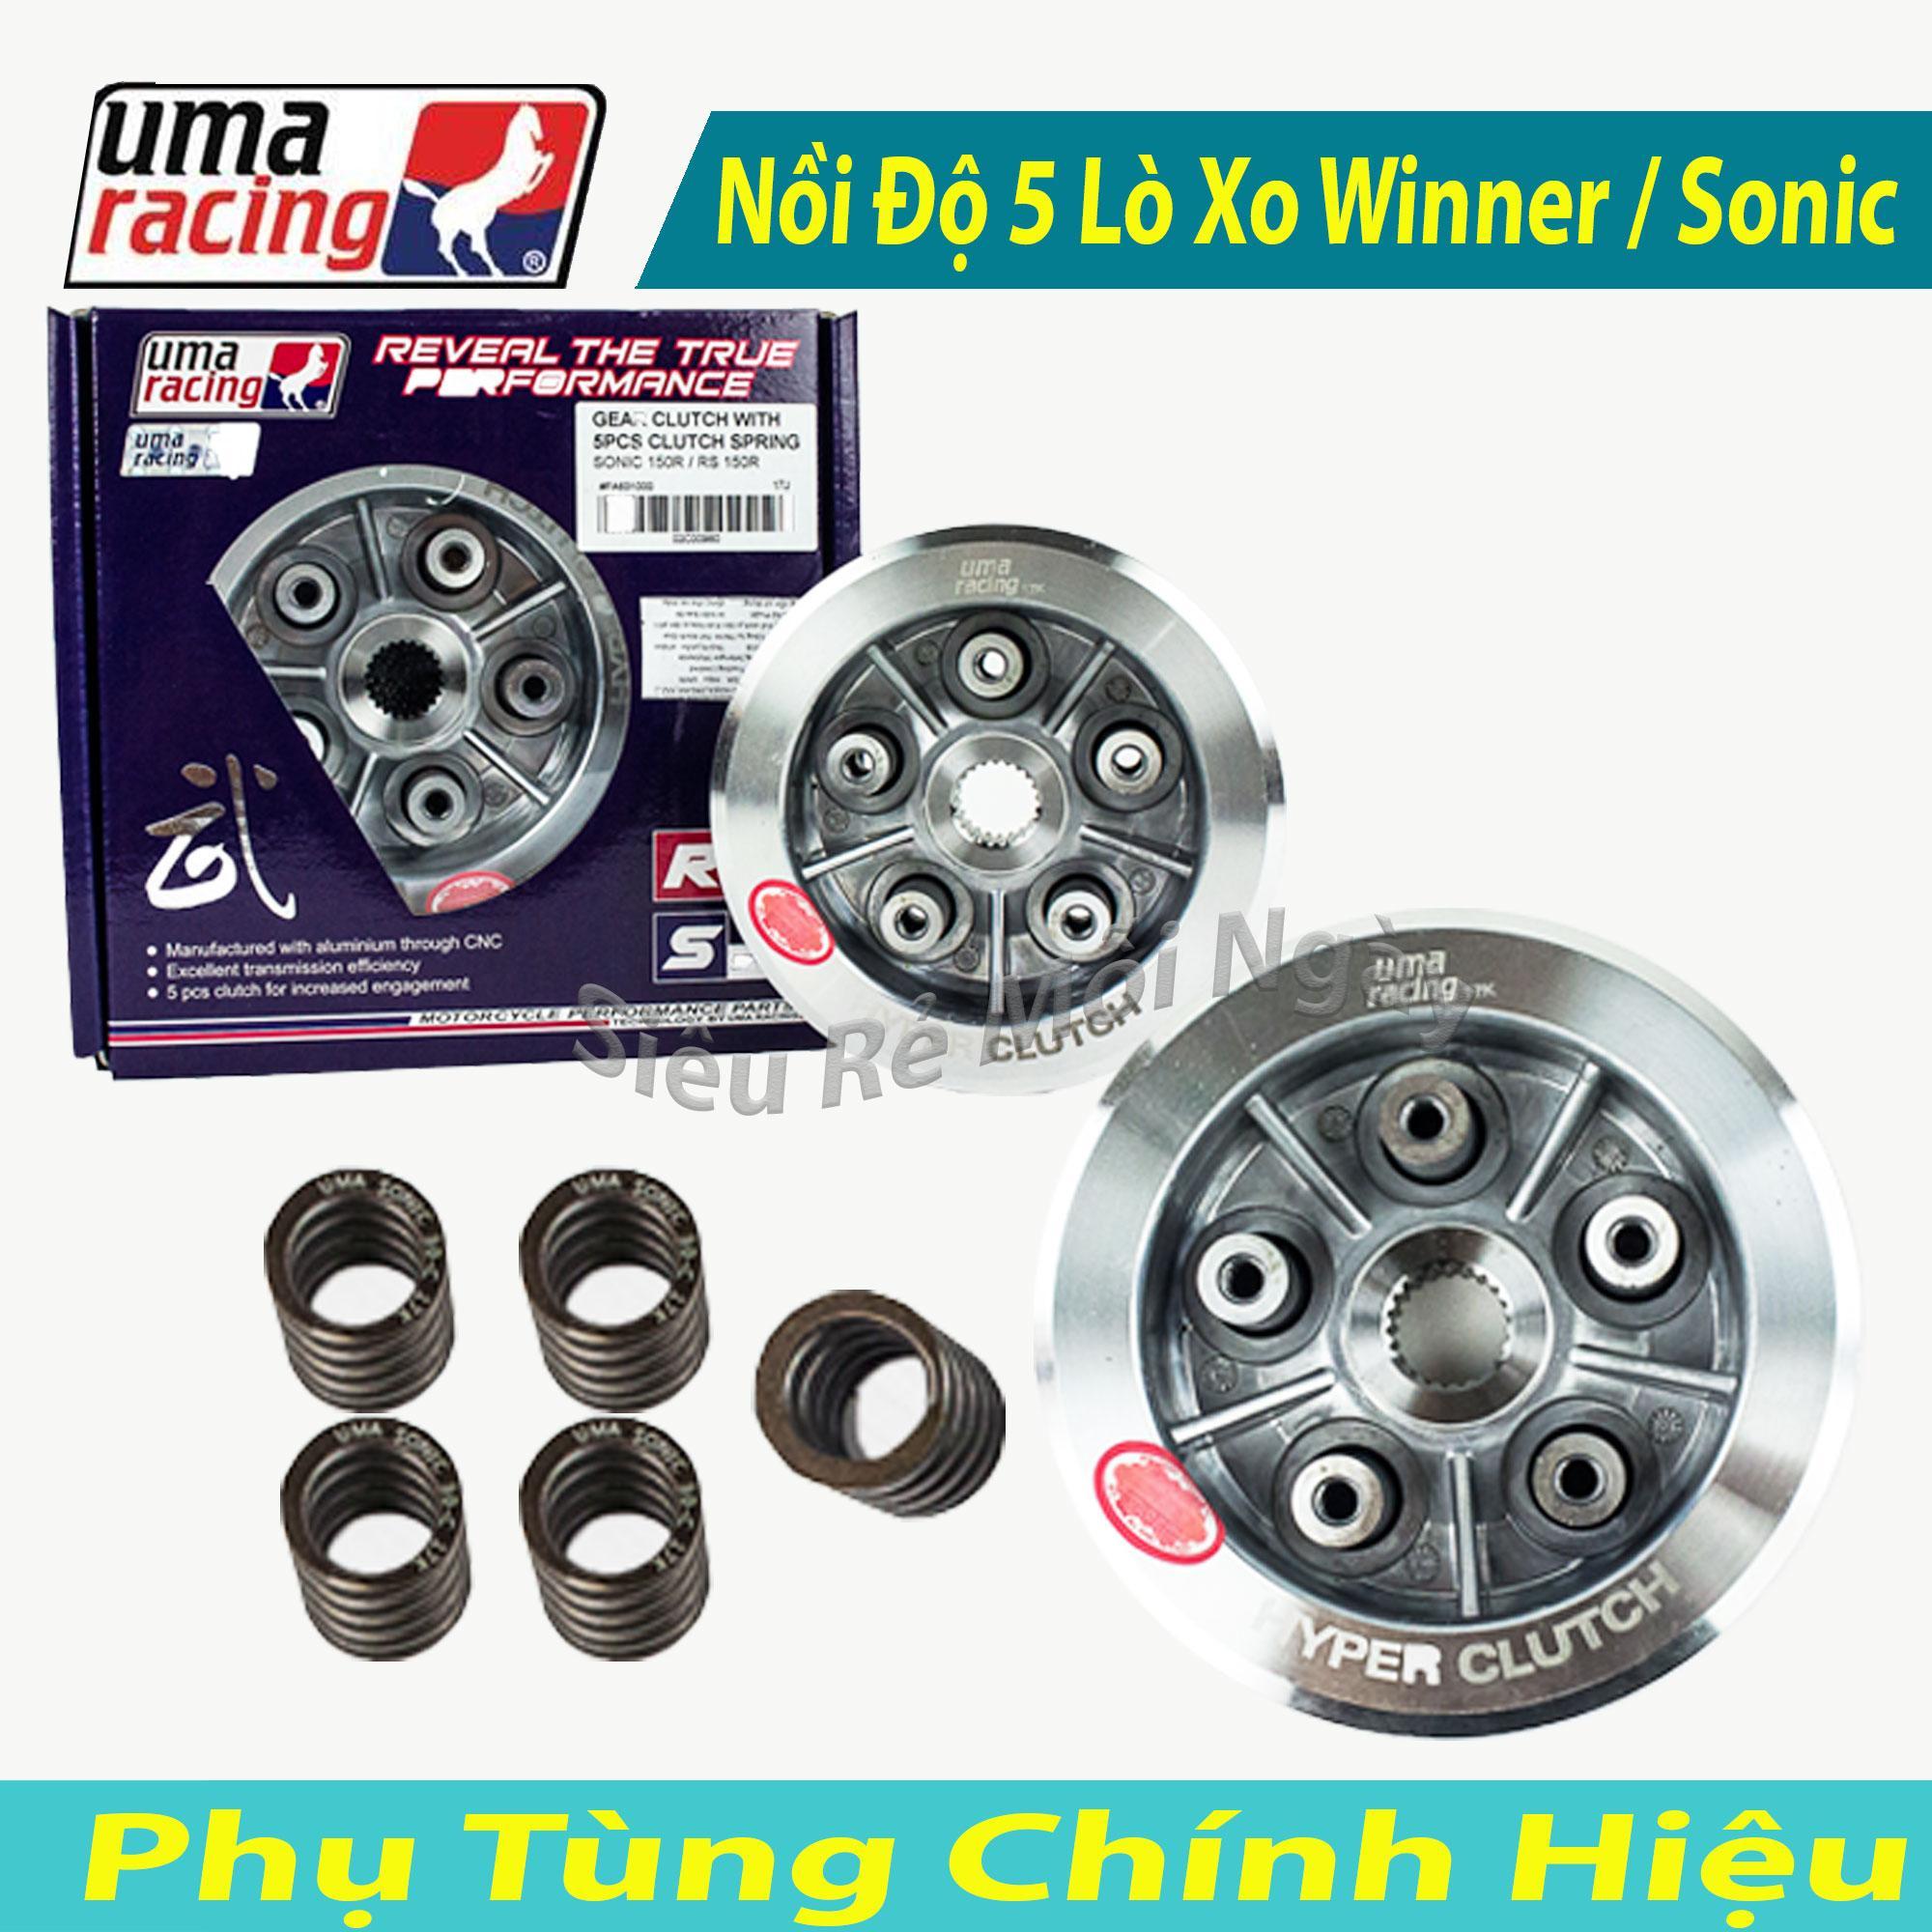 Cơ Hội Giá Tốt Để Sở Hữu Bộ Nồi Độ Uma Racing 5 Lò Xo Dùng Cho Winner 150cc, Sonic 150cc